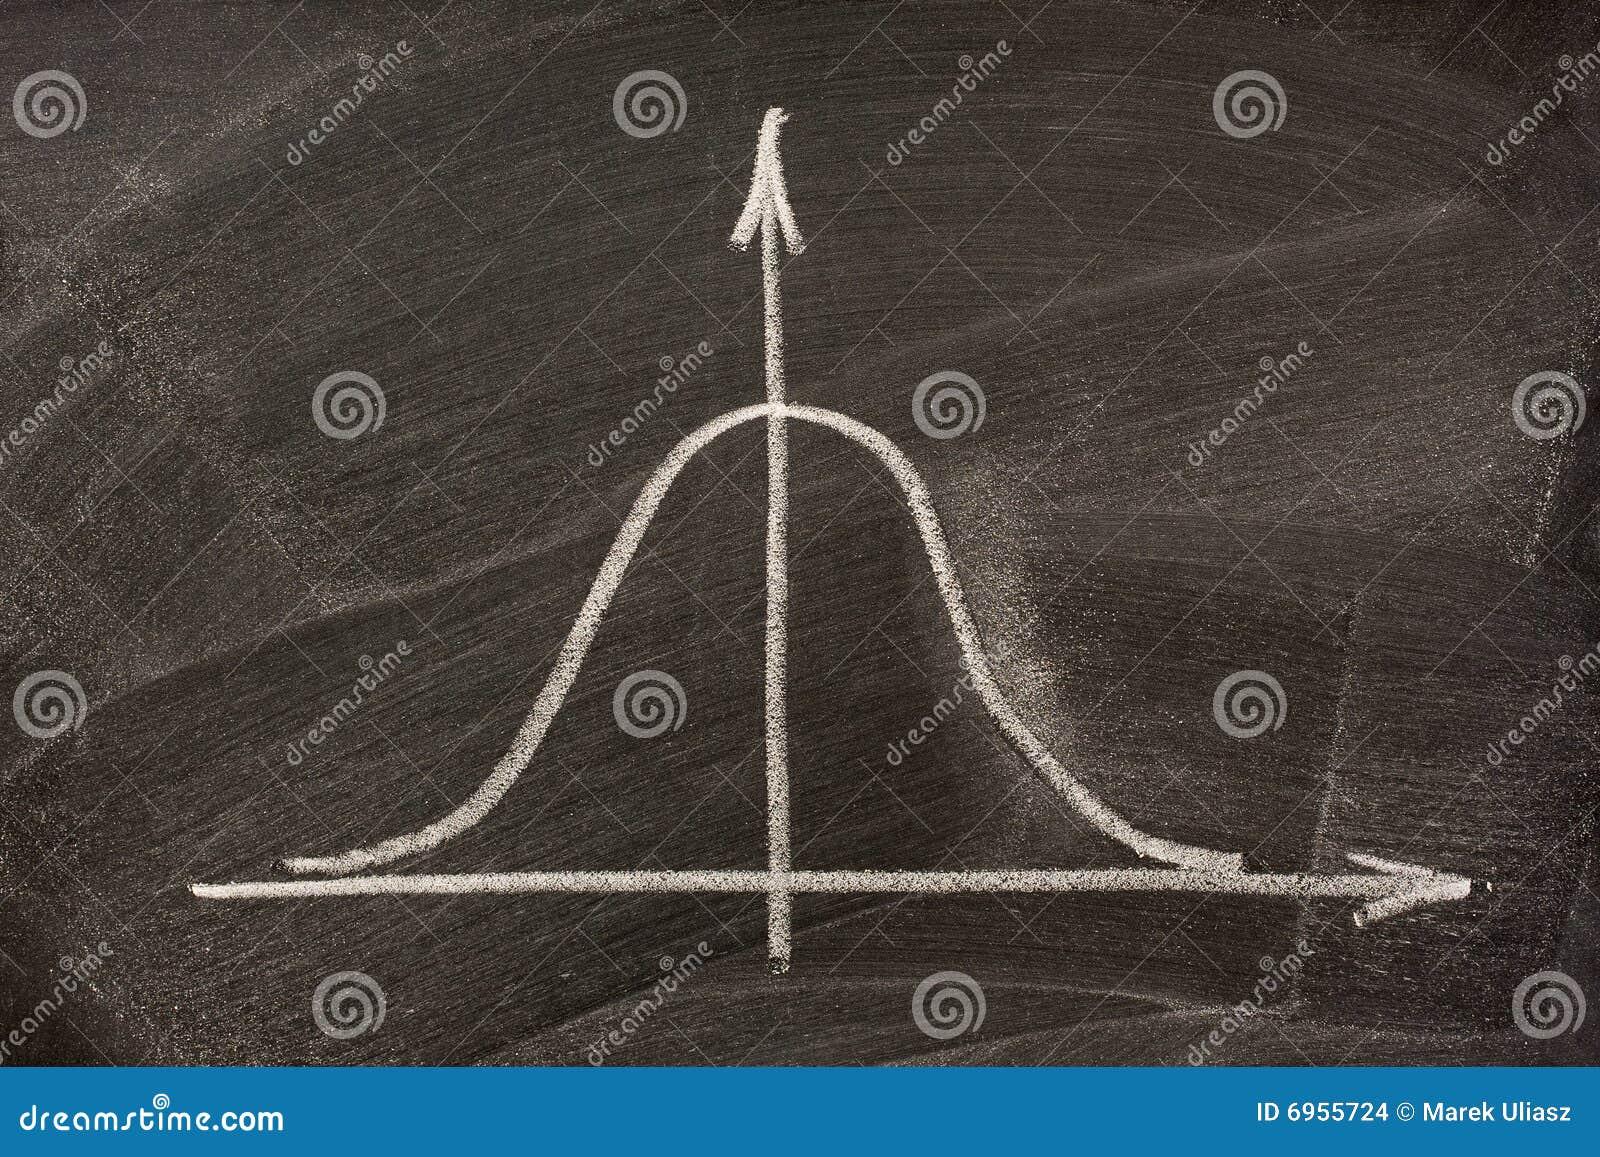 Gaussian or bell curve on a blackboard